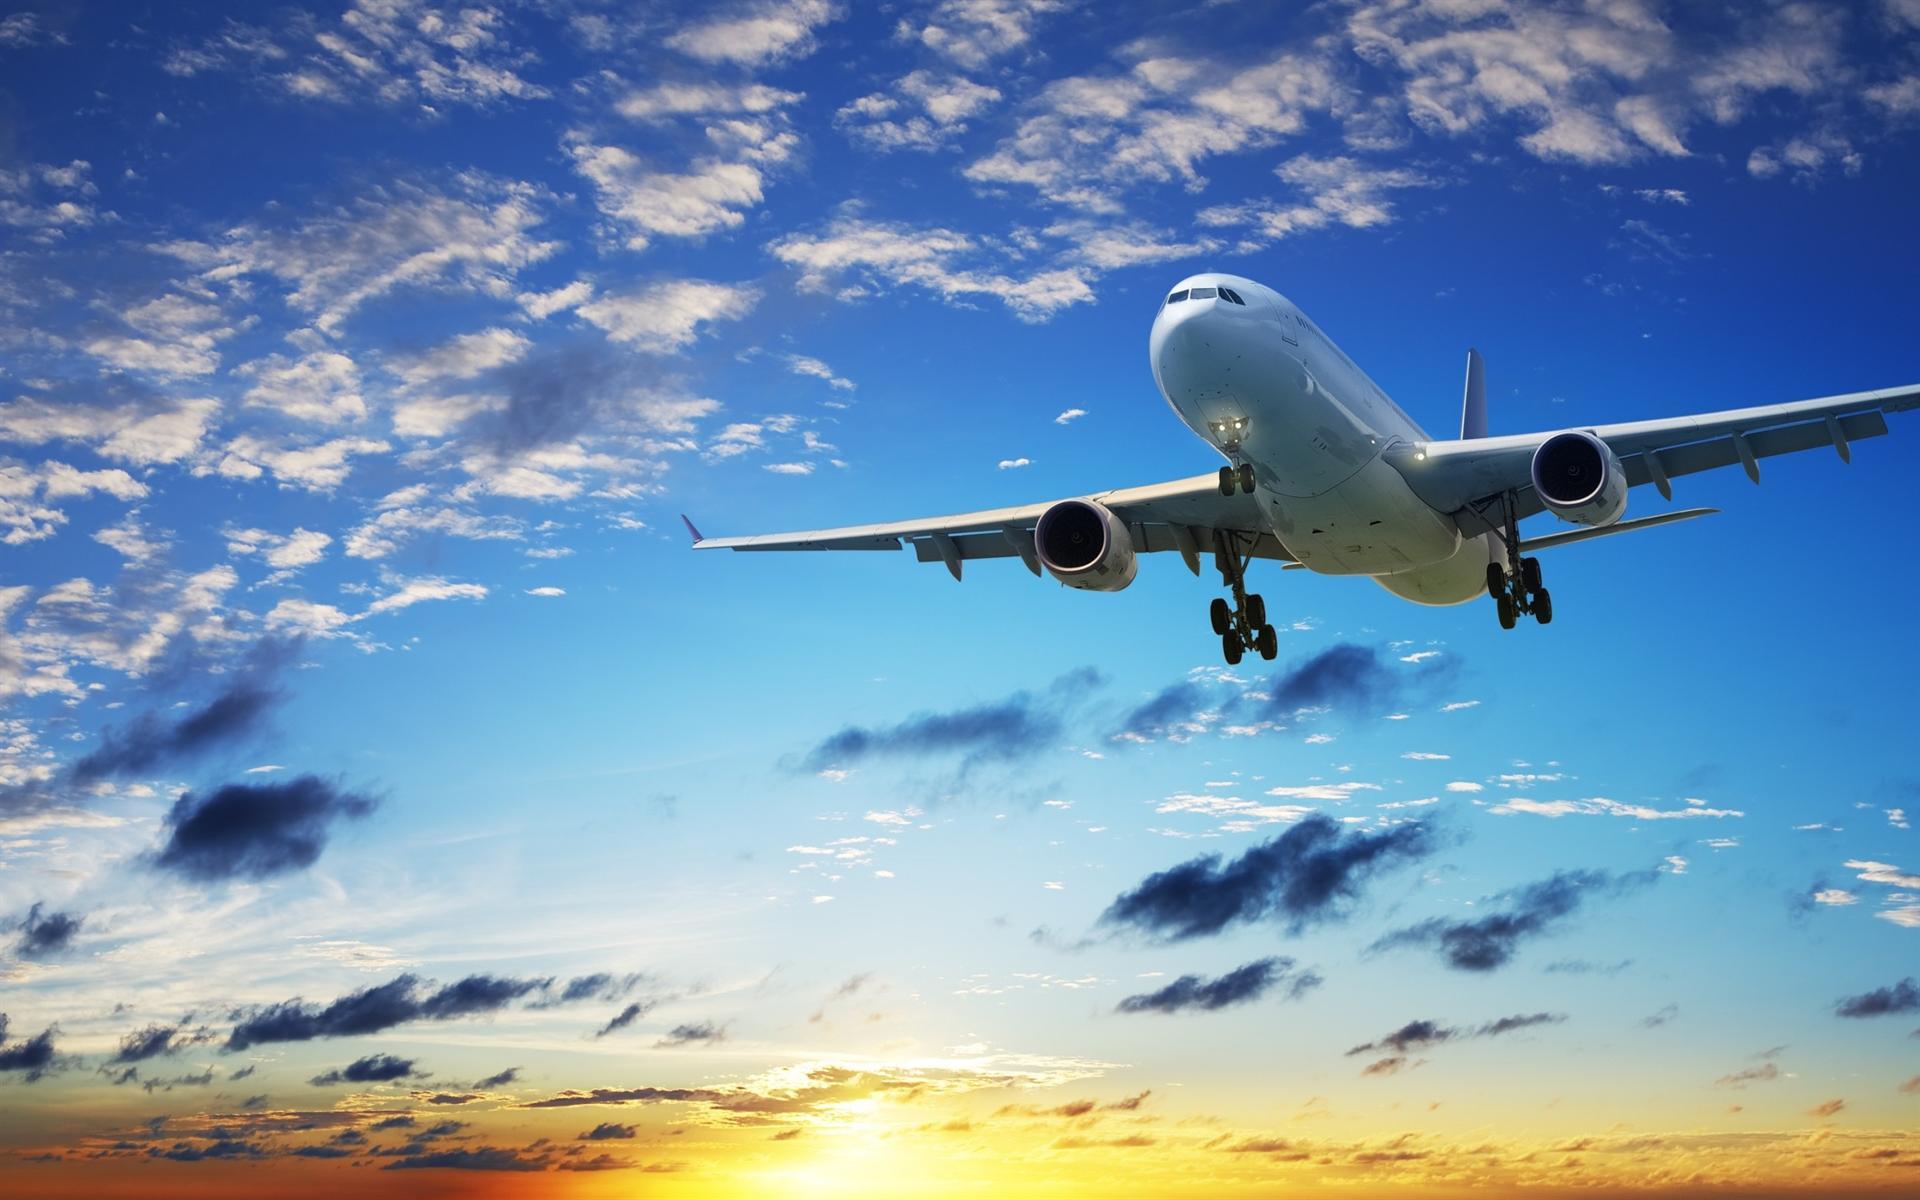 مسافرت ارزان قیمت با بلیط هواپیما